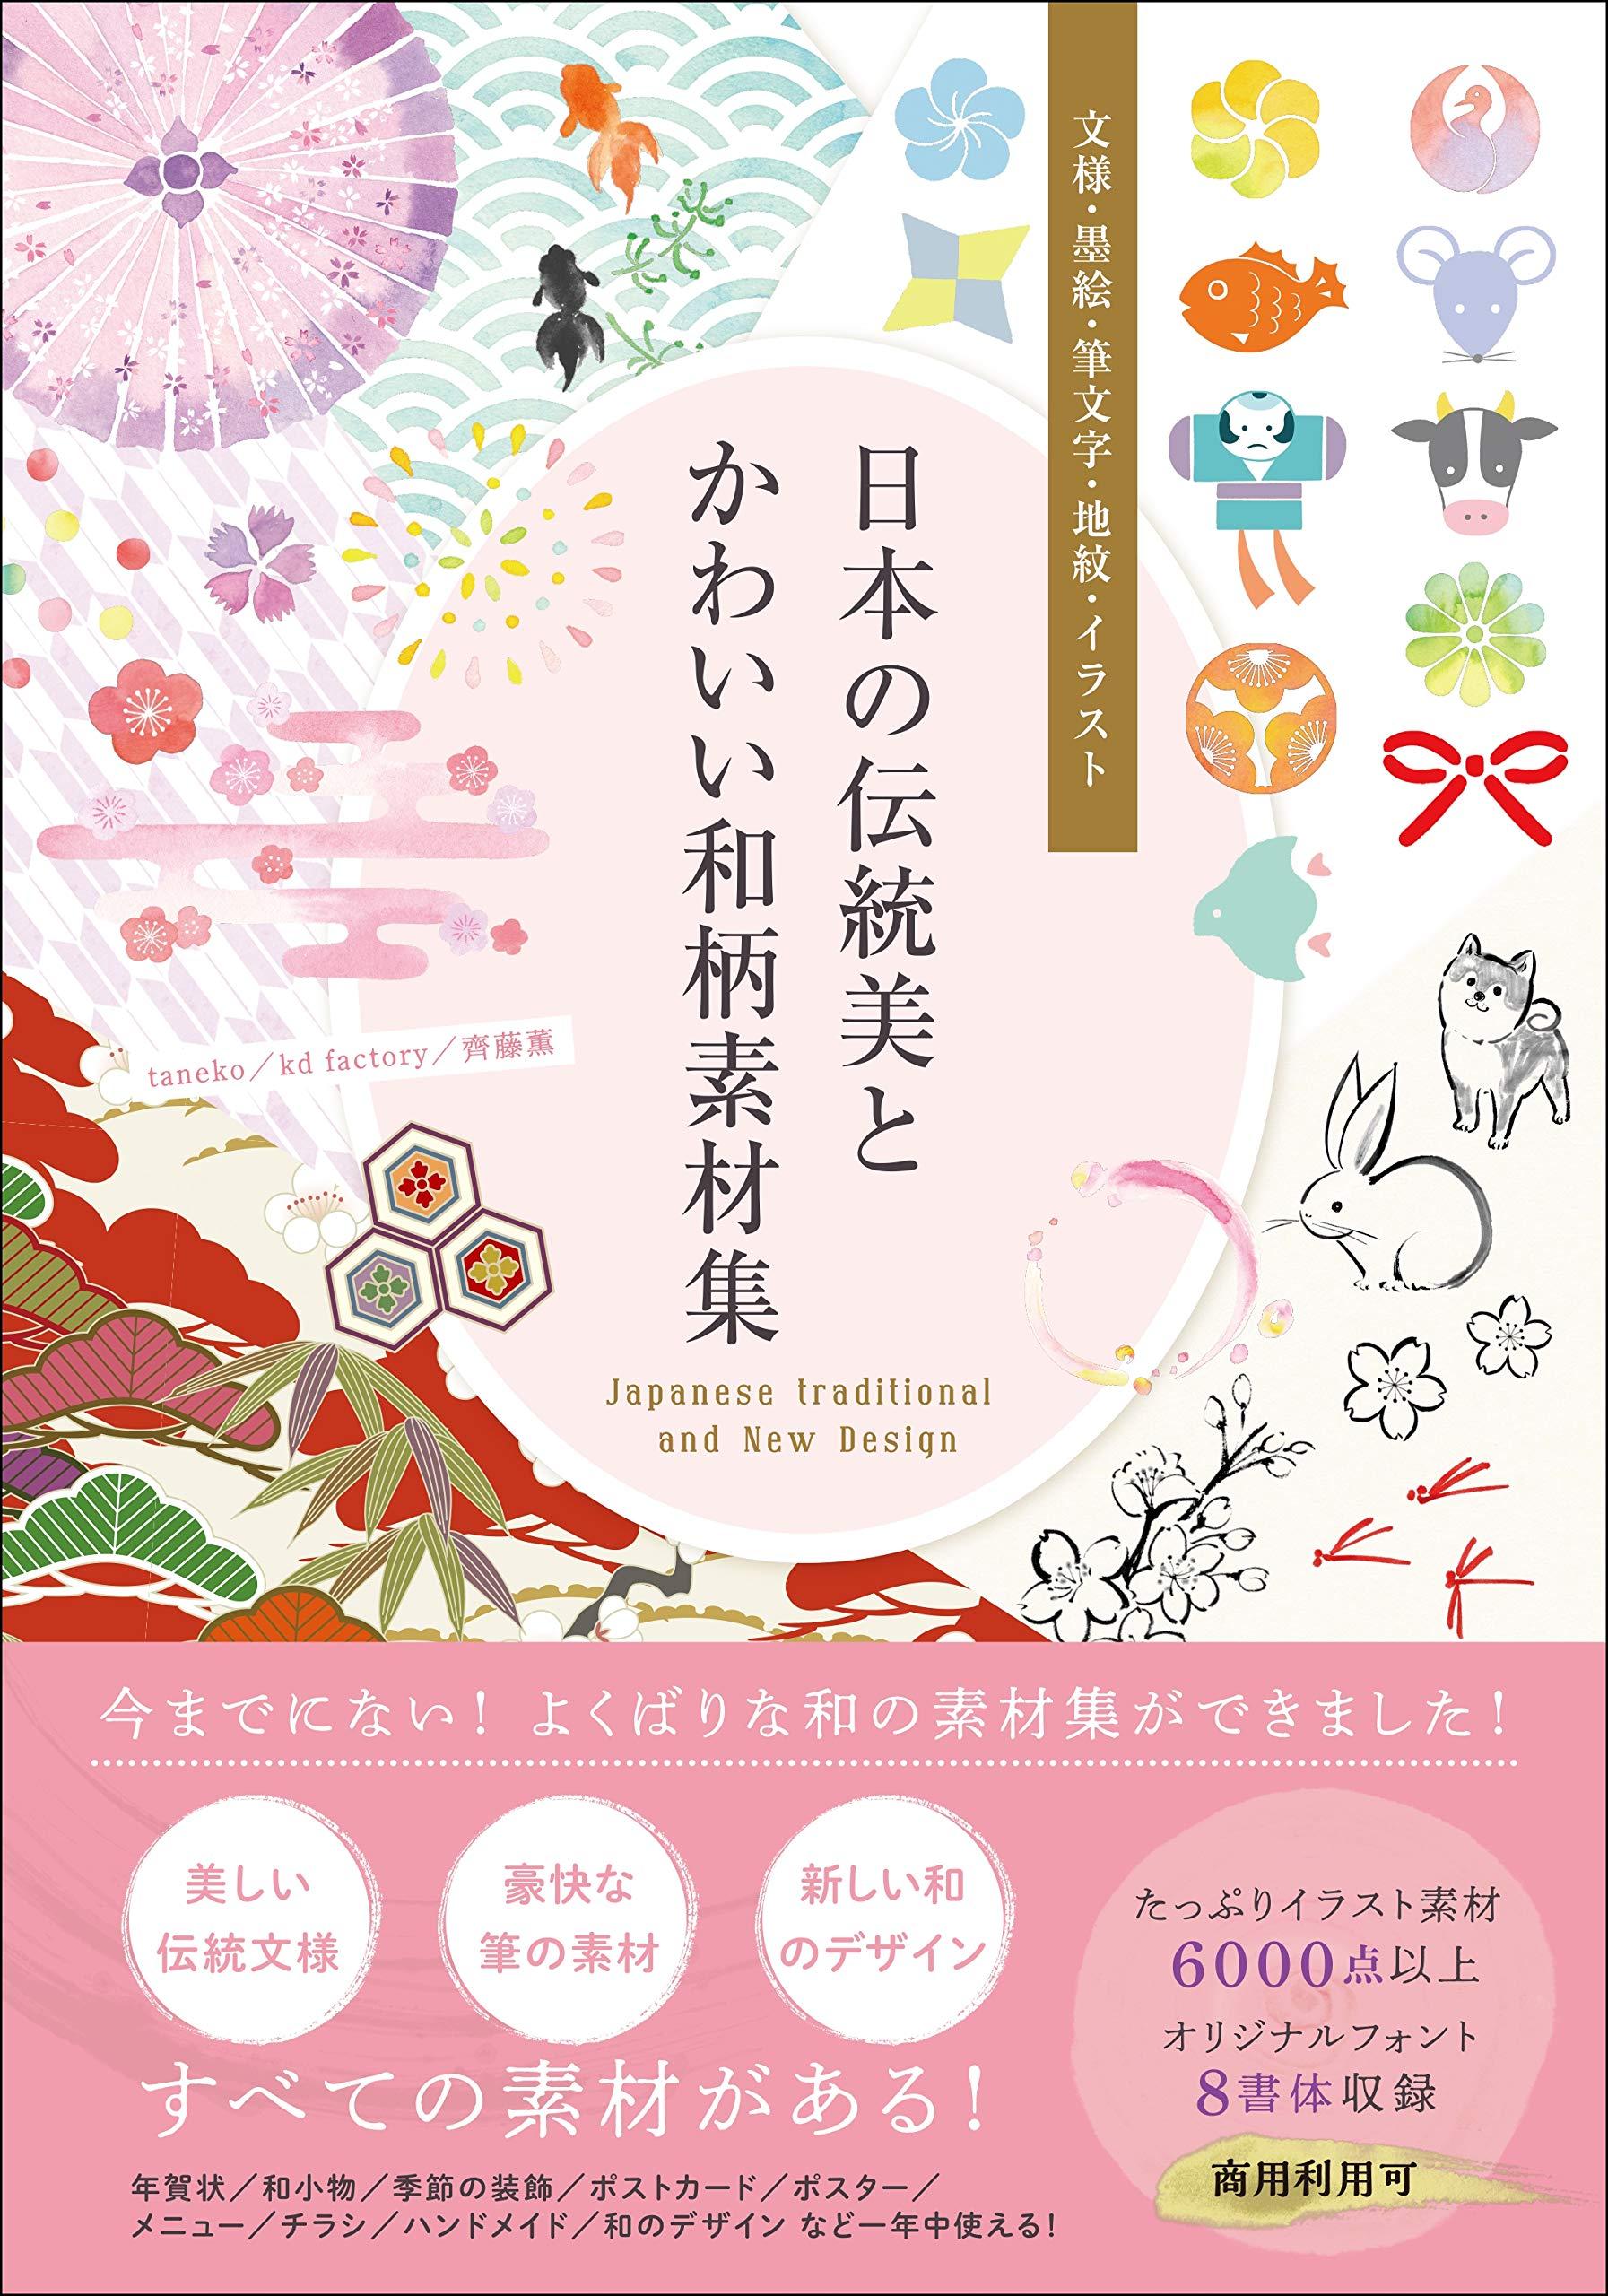 日本の伝統美とかわいい和柄素材集 文様 墨絵 筆文字 地紋